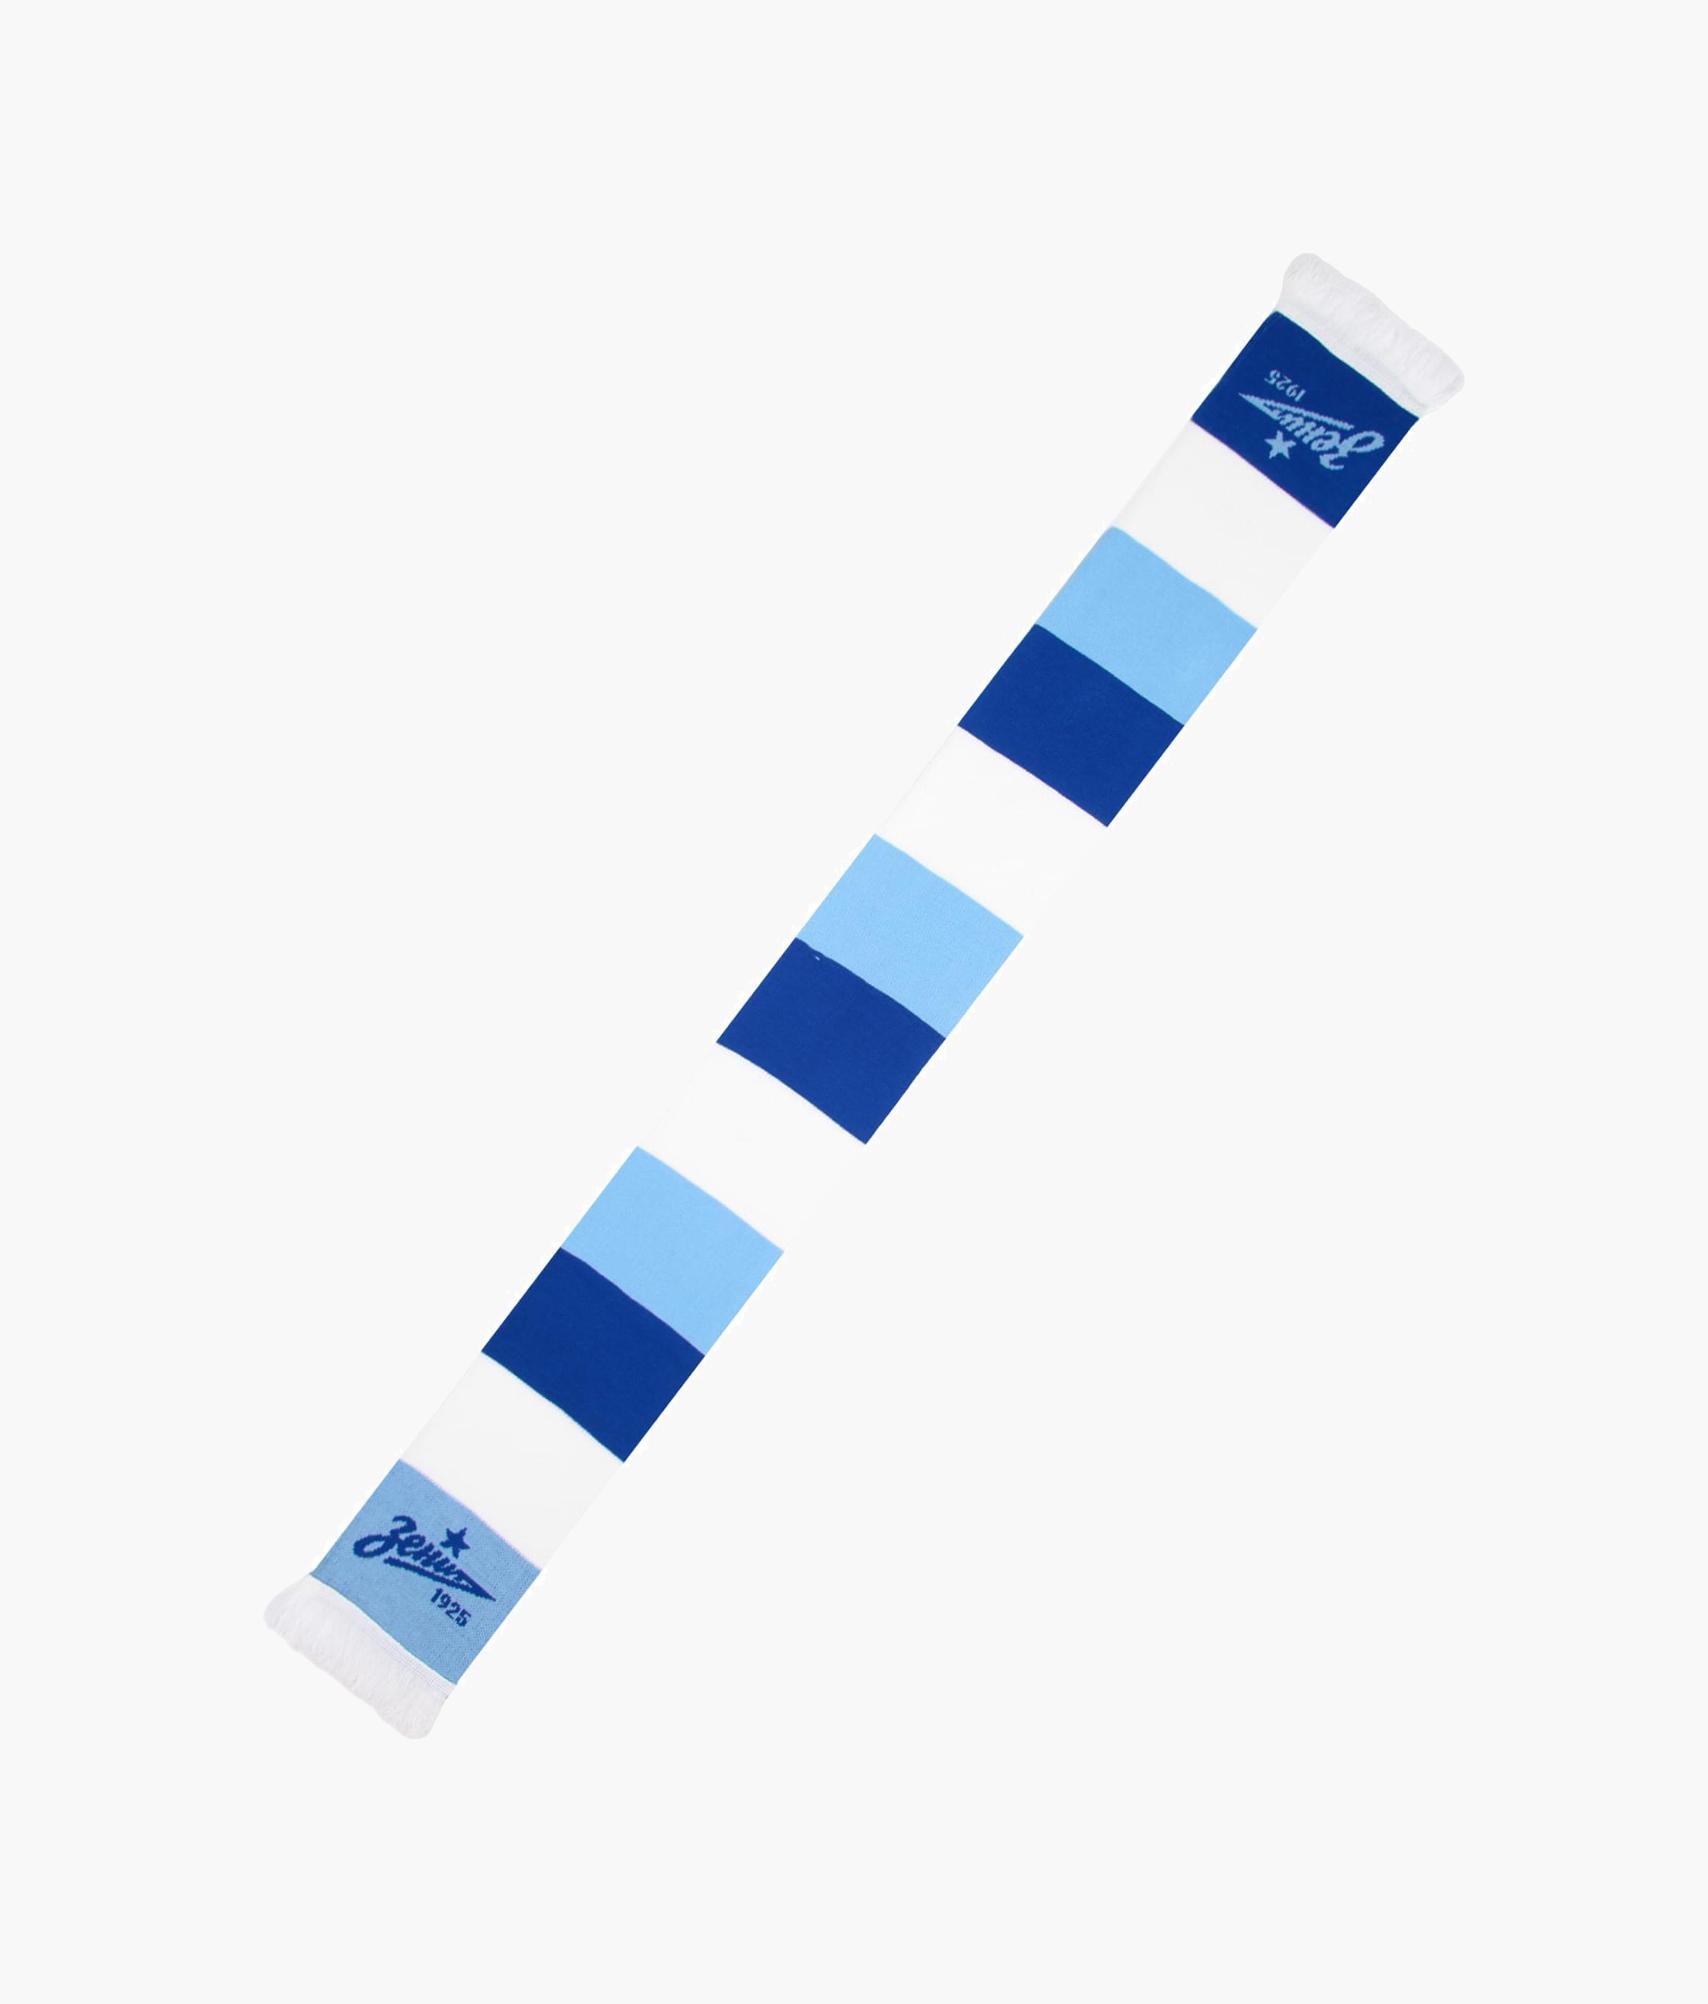 Шарф трикотажный «Полоска» Зенит s928 bluetooth gps реальное время пульс трек умный напульсник давление воздуха окружающей среды температура высота часы